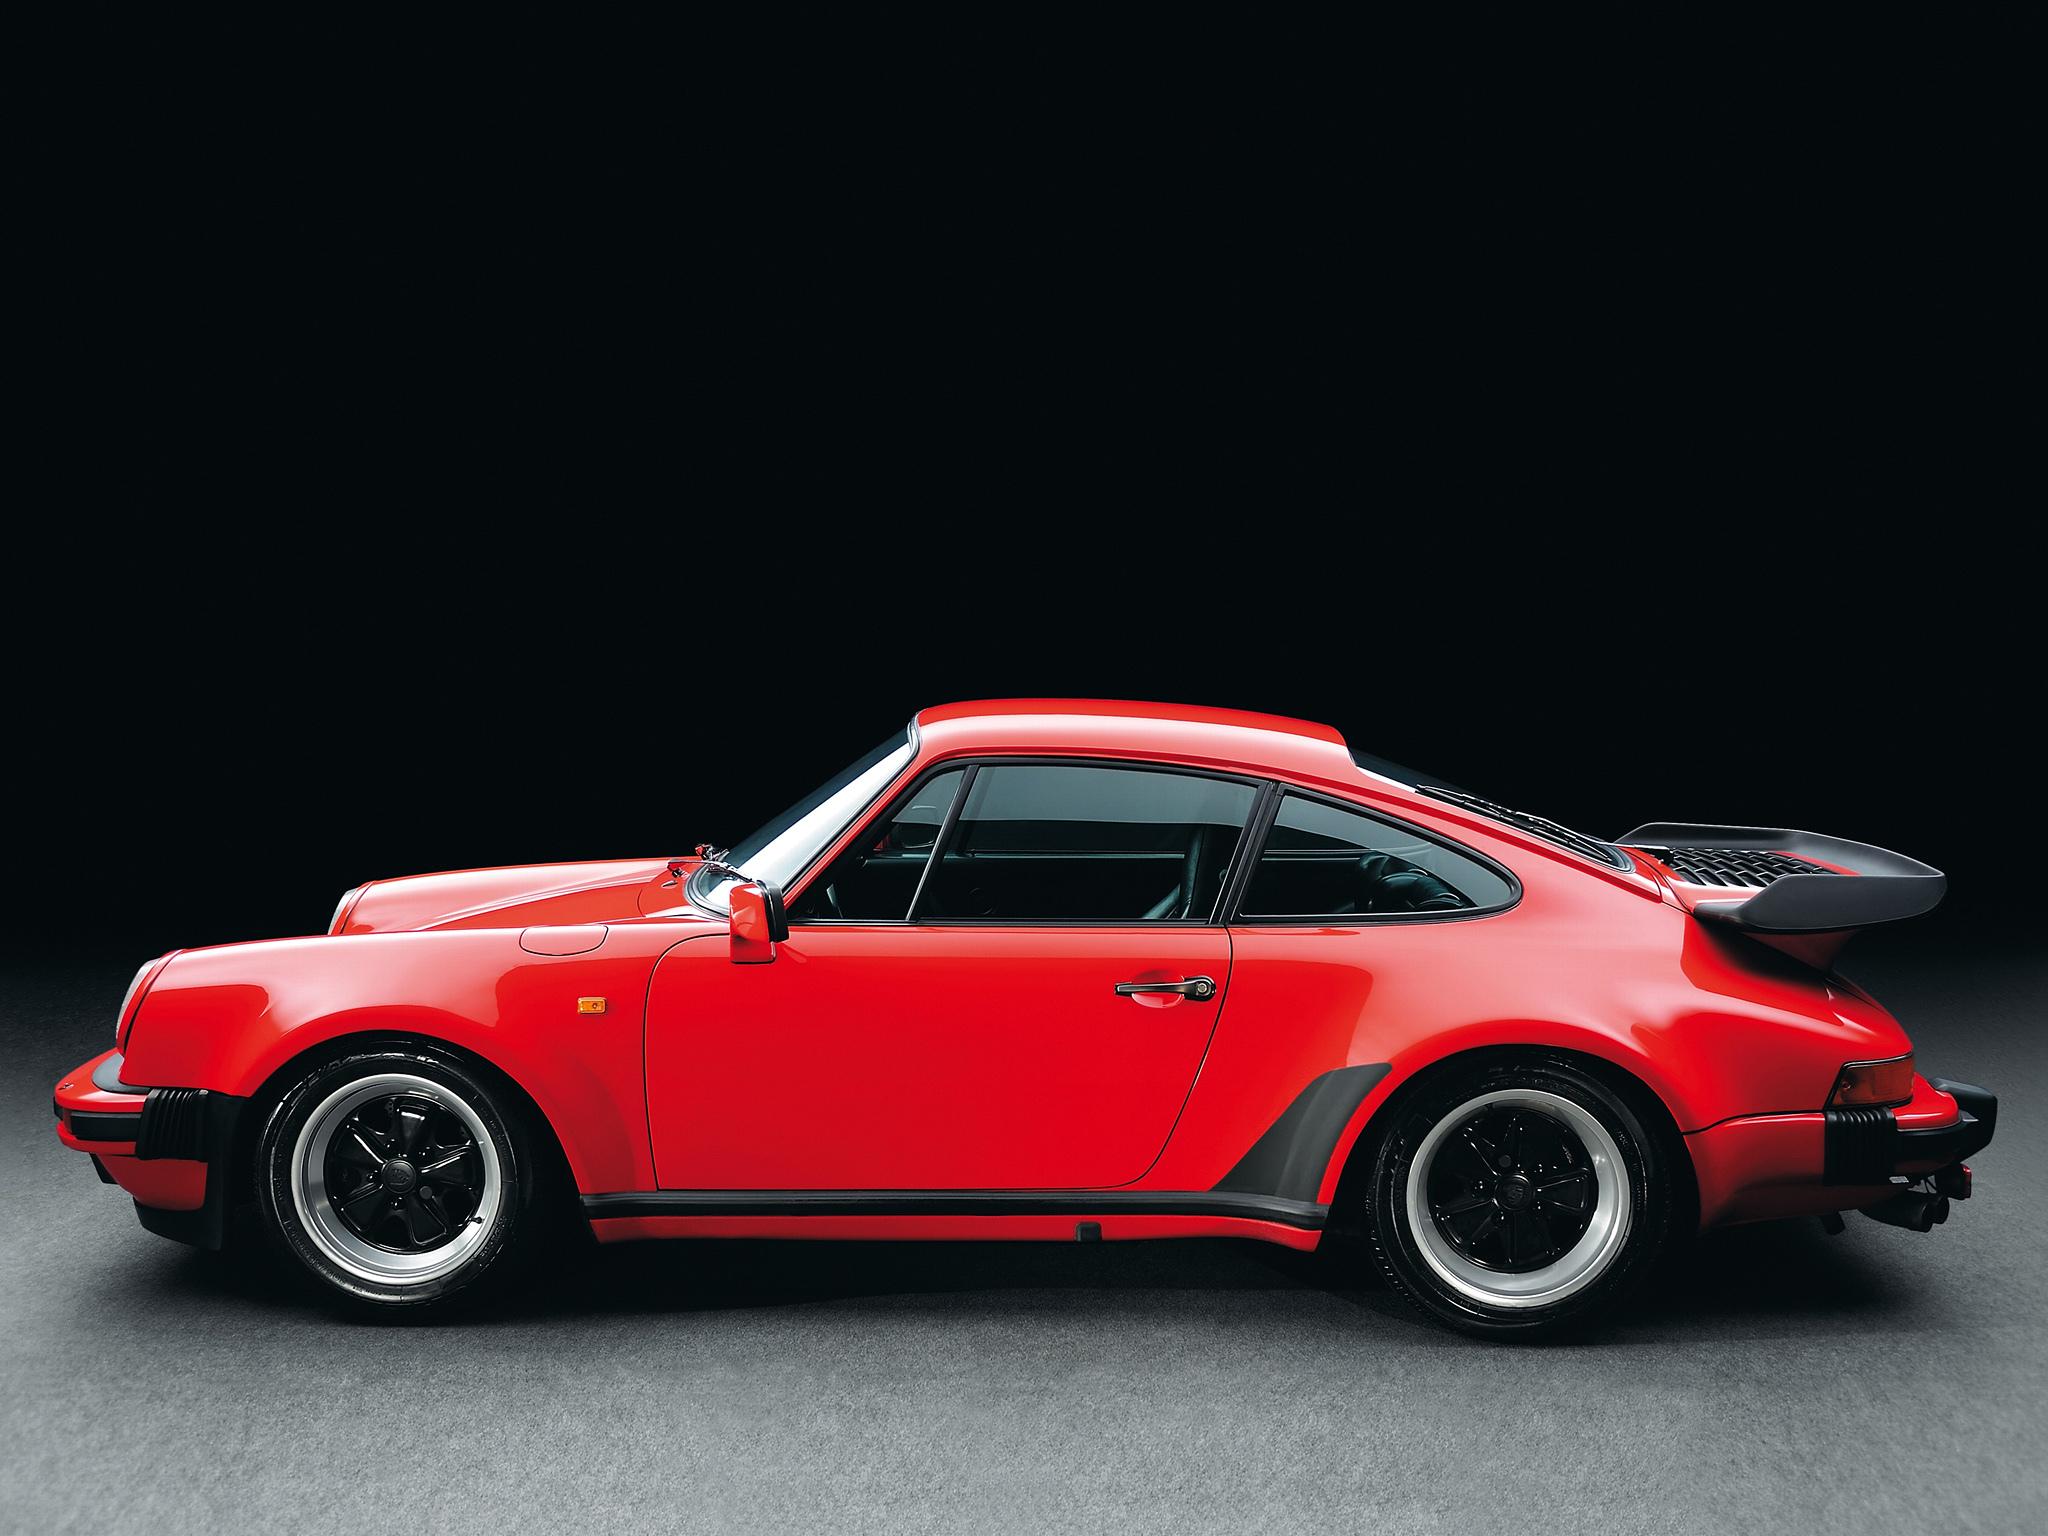 Photos Porsche 1977-89 911 Turbo 3.3 Coupe (930) Black 1920x1080